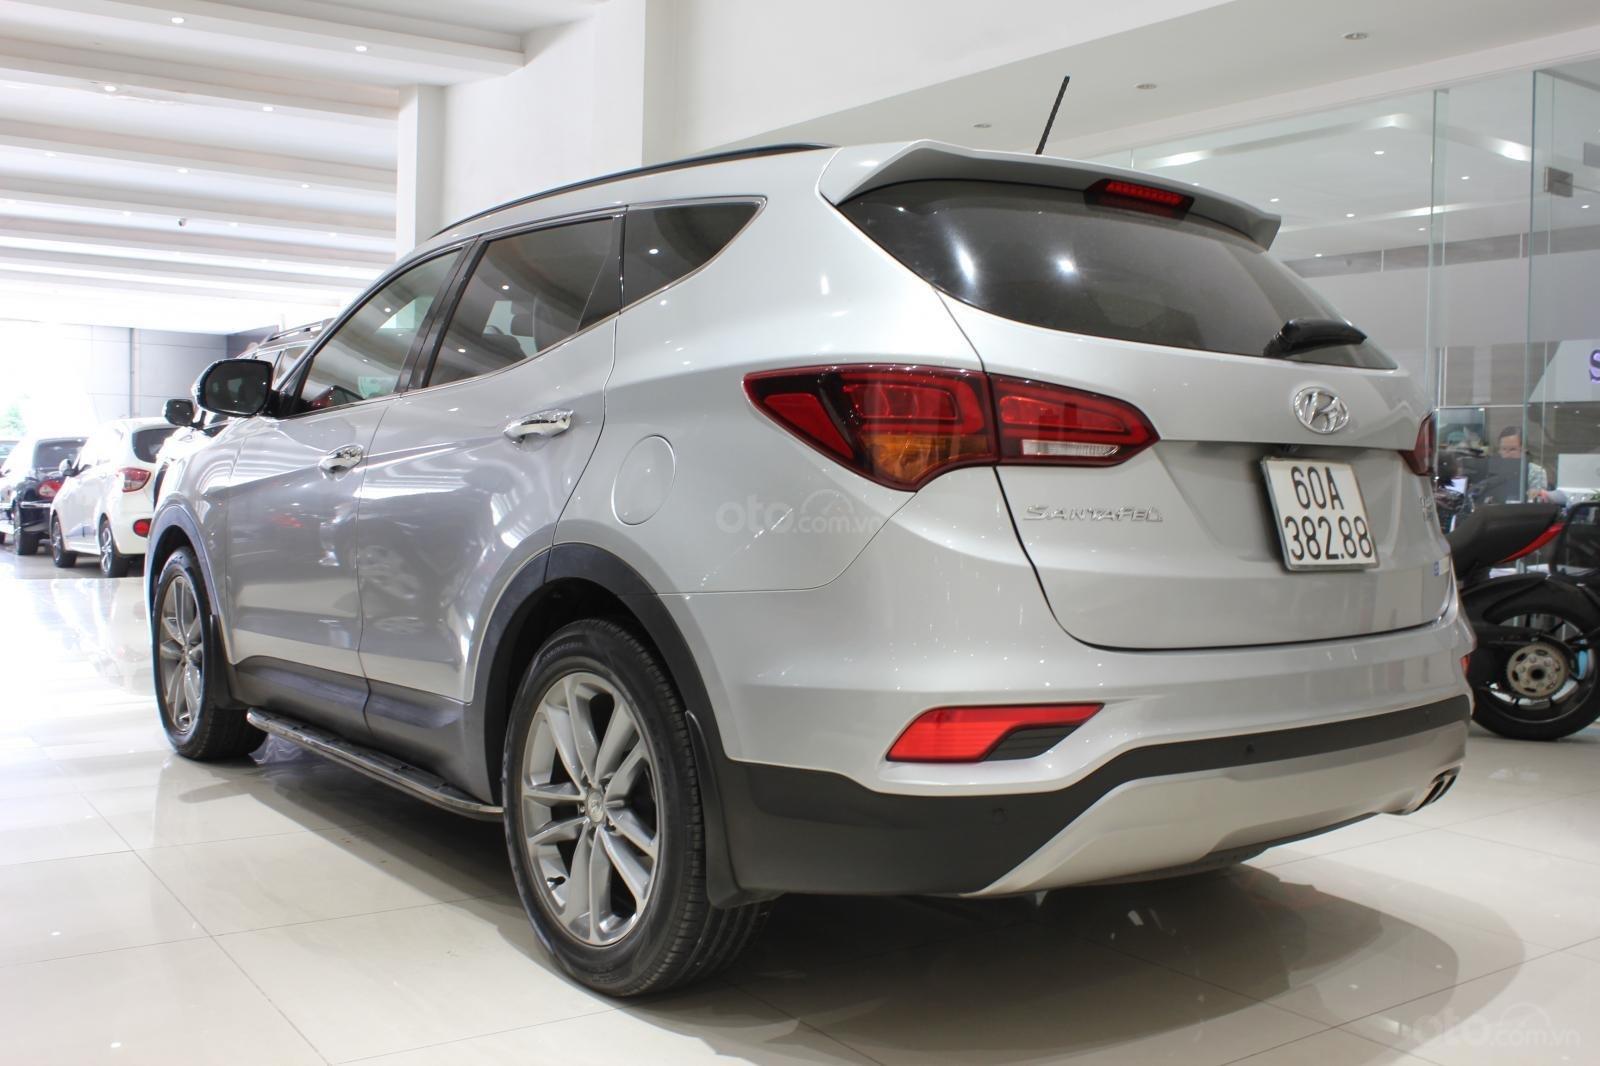 Bán xe Hyundai Santa Fe 2.2 4WD năm sản xuất 2017, màu bạc (7)